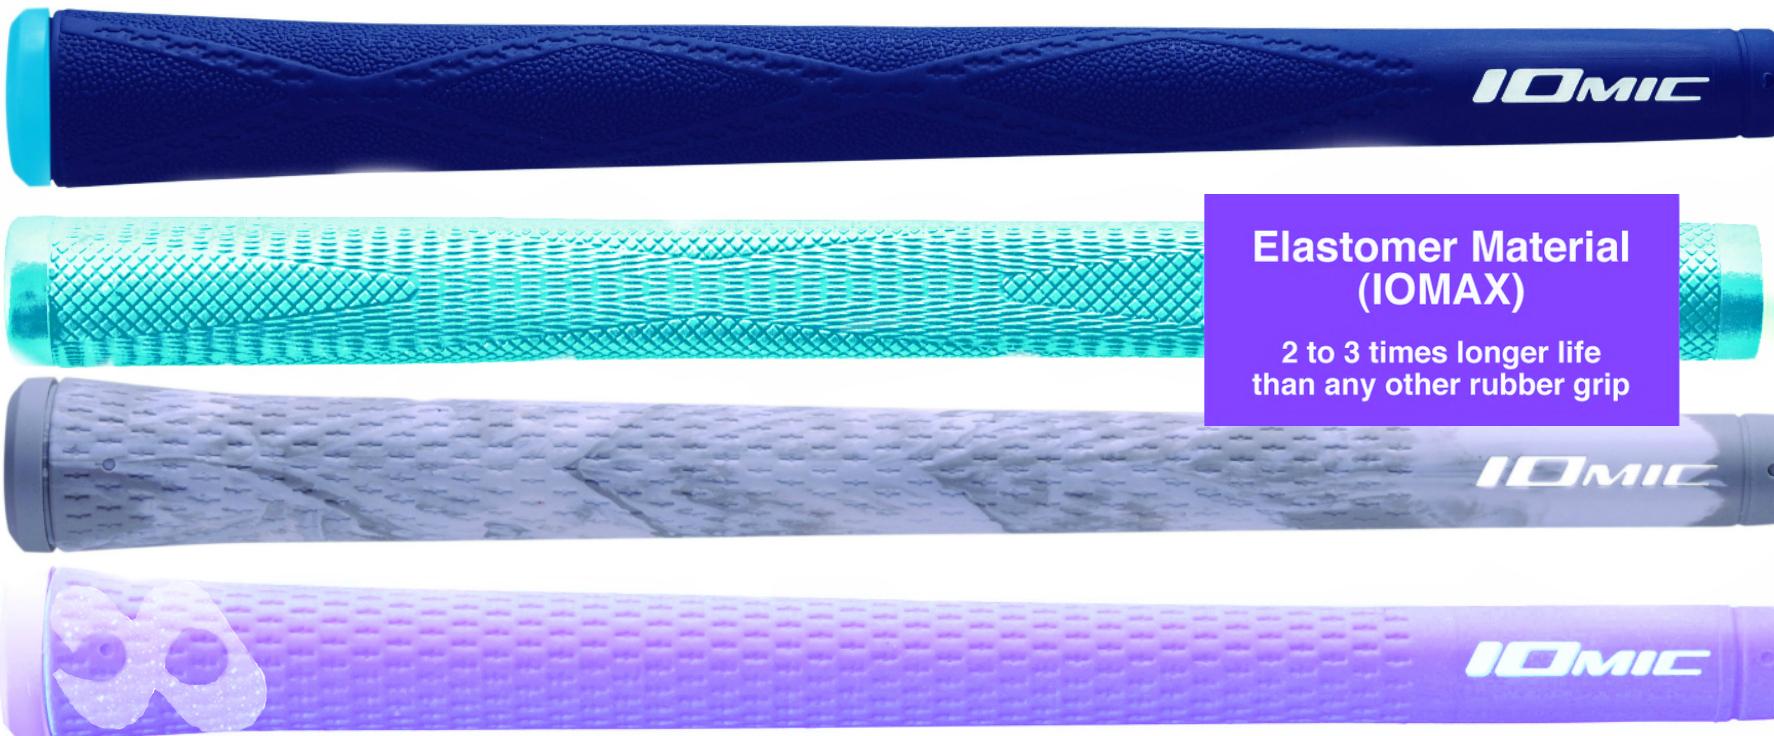 elastomer.jpg